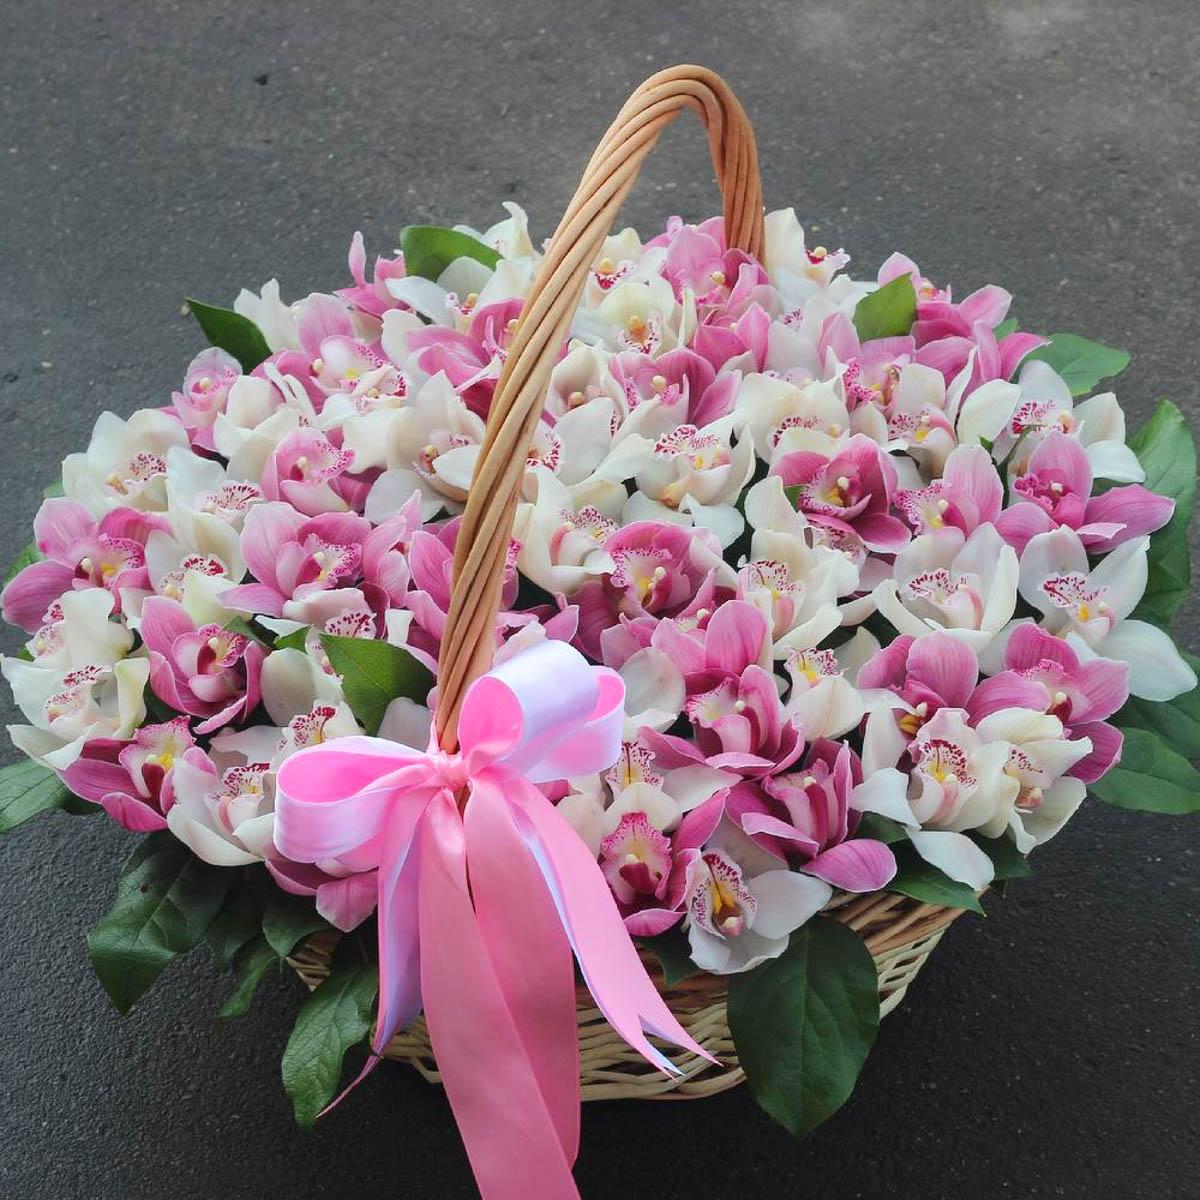 шумоизоляция букеты из орхидей необычные фото изображение шокотрансферной печатью